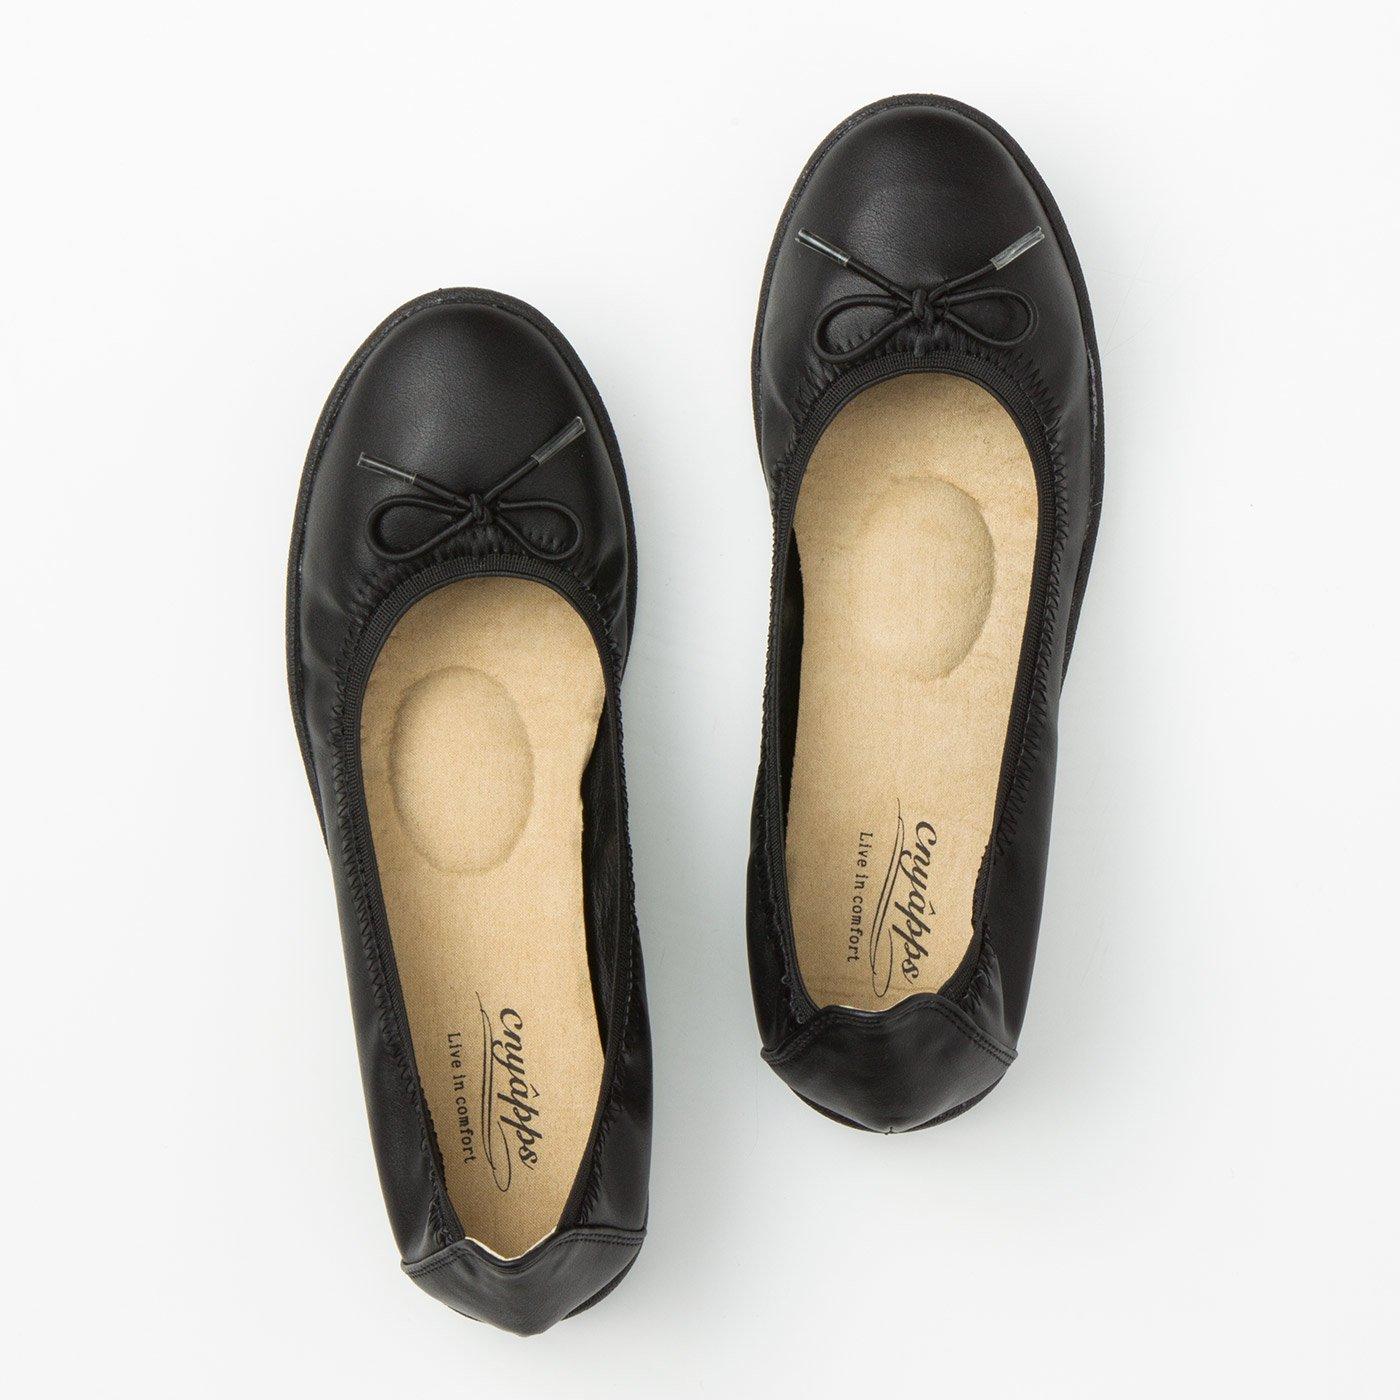 リブ イン コンフォート 包み込まれるような履き心地の 軽やかリボンくにゃっプス(R)〈ブラック〉